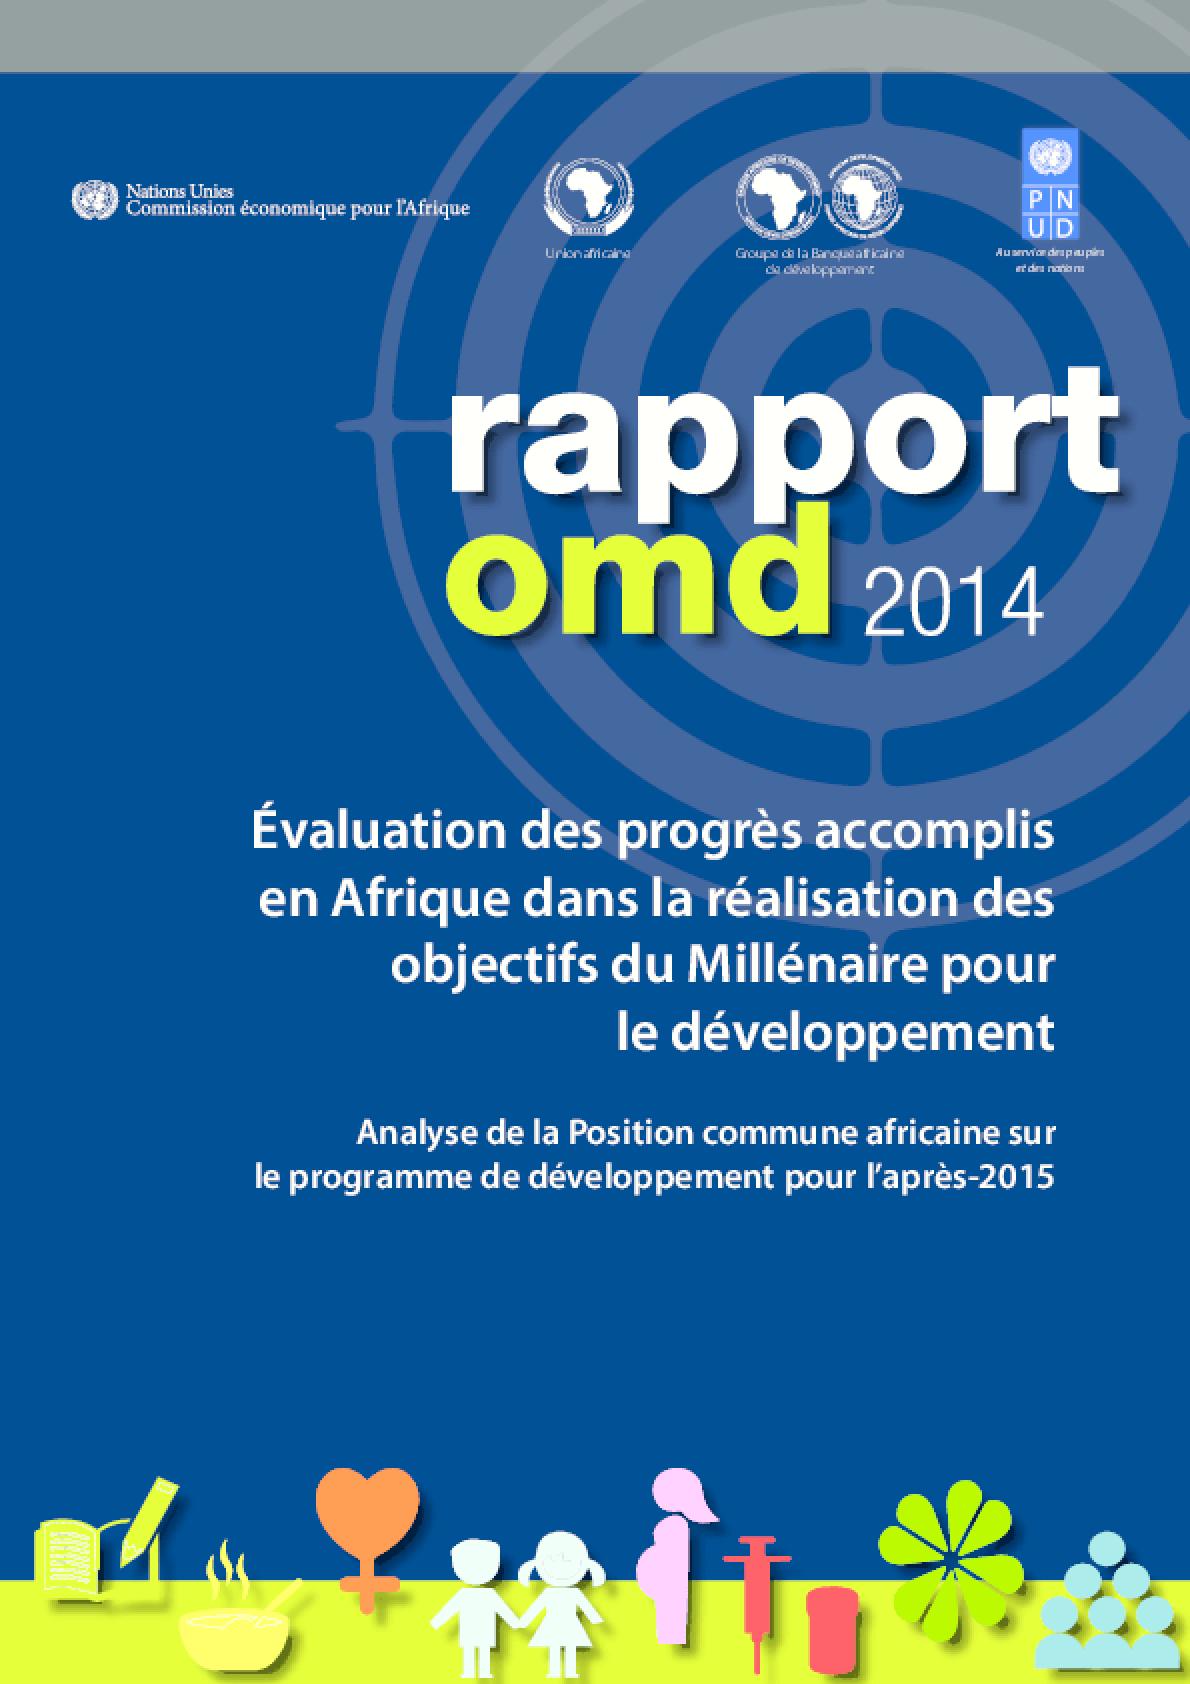 Rapport OMD 2014: Évaluation Des Progrès Accomplis En Afrique Dans La Réalisation Des Objectifs Du Millénaire Pour Le Développement